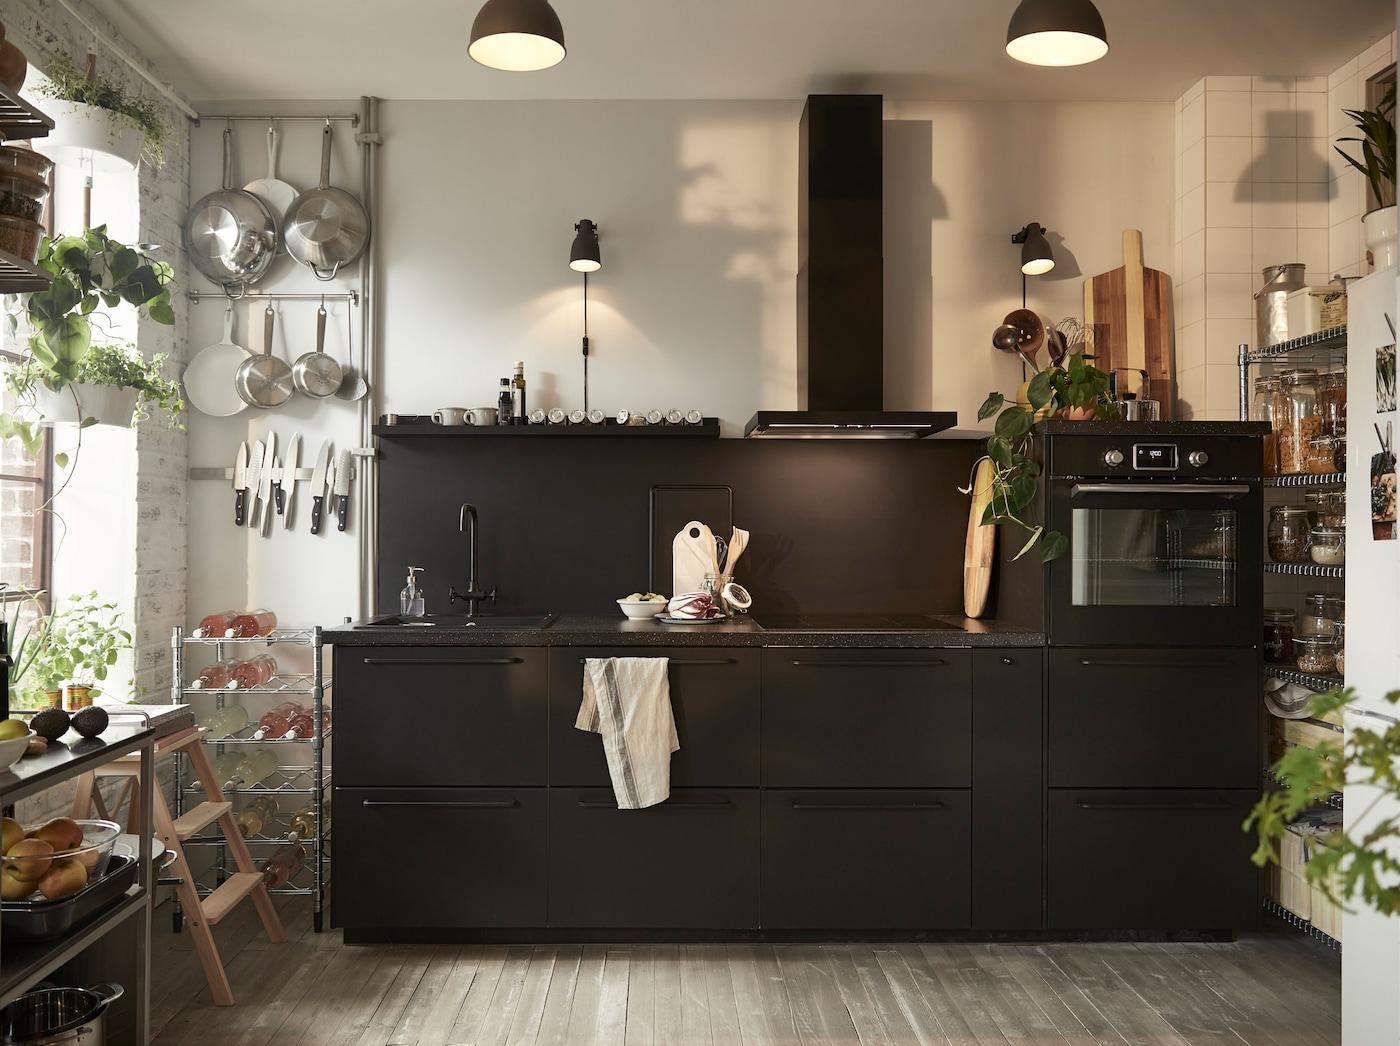 Küche umweltbewusster wohnen ikea